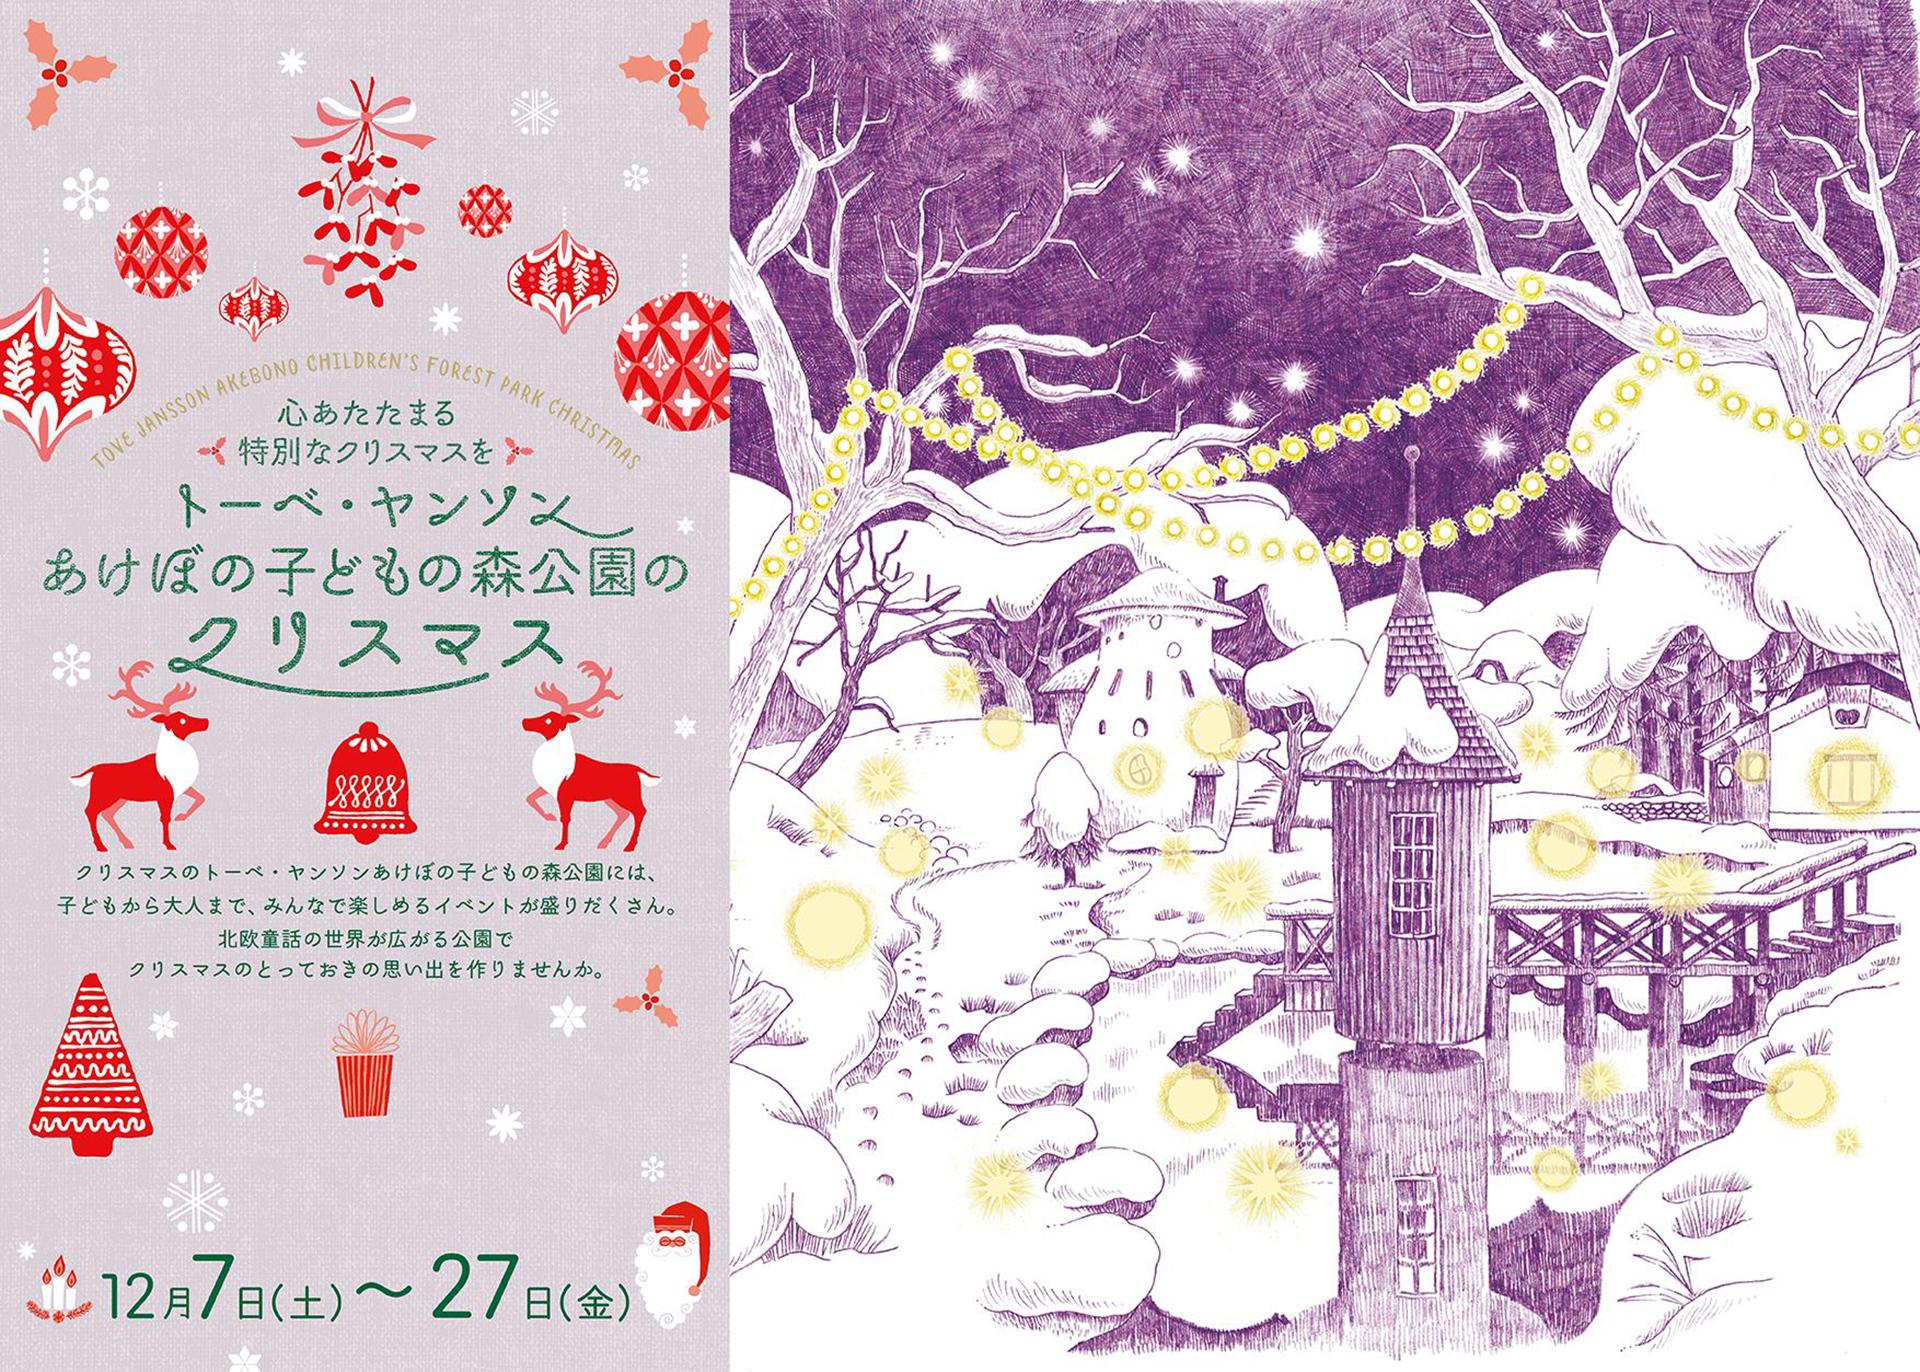 トーベ・ヤンソンあけぼの子どもの森公園のクリスマス~心あたたまる特別なクリスマスを~